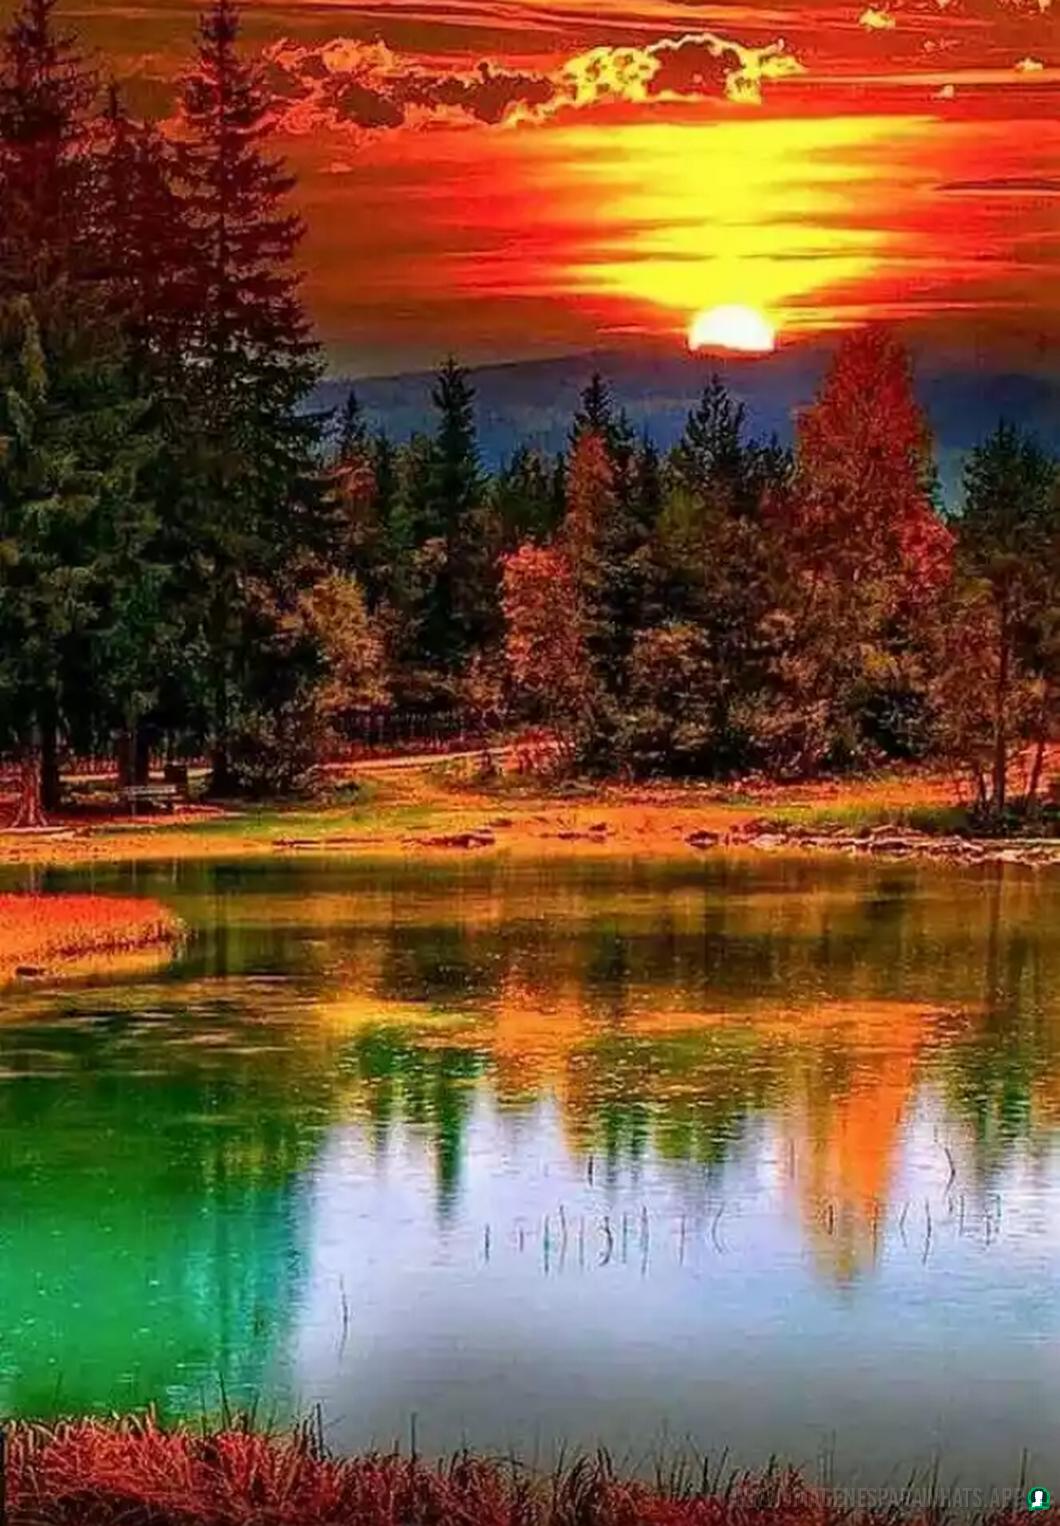 Imagenes-de-paisajes-44